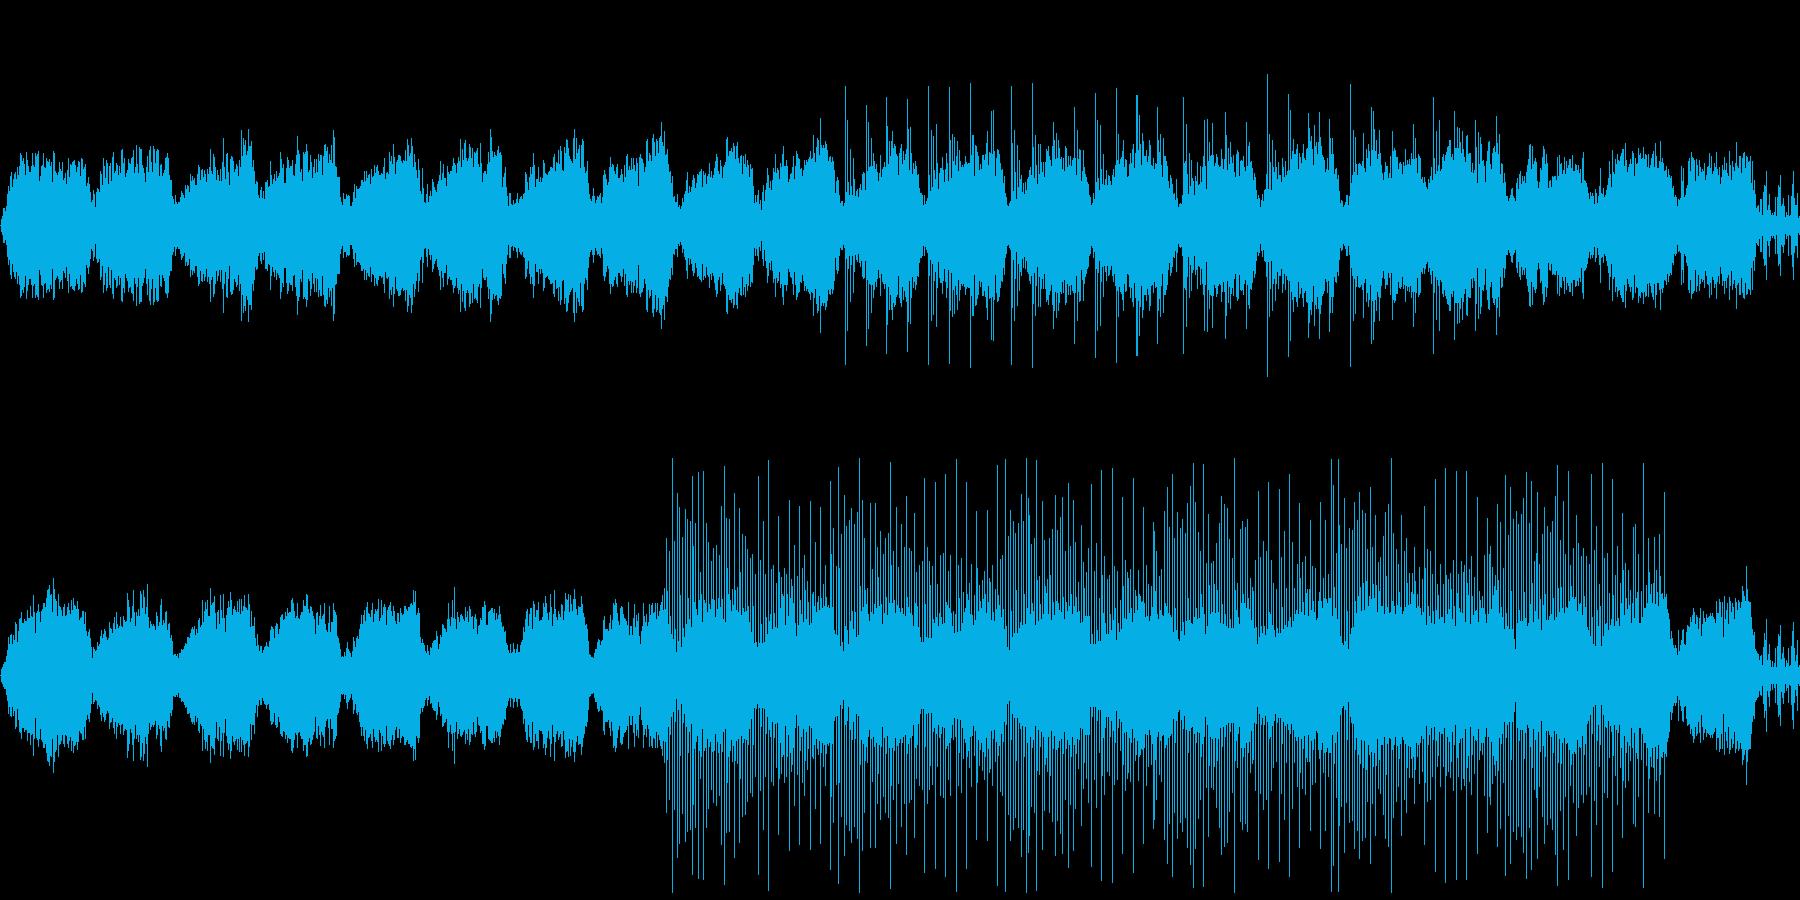 ゆったりとくつろげる環境音楽の再生済みの波形